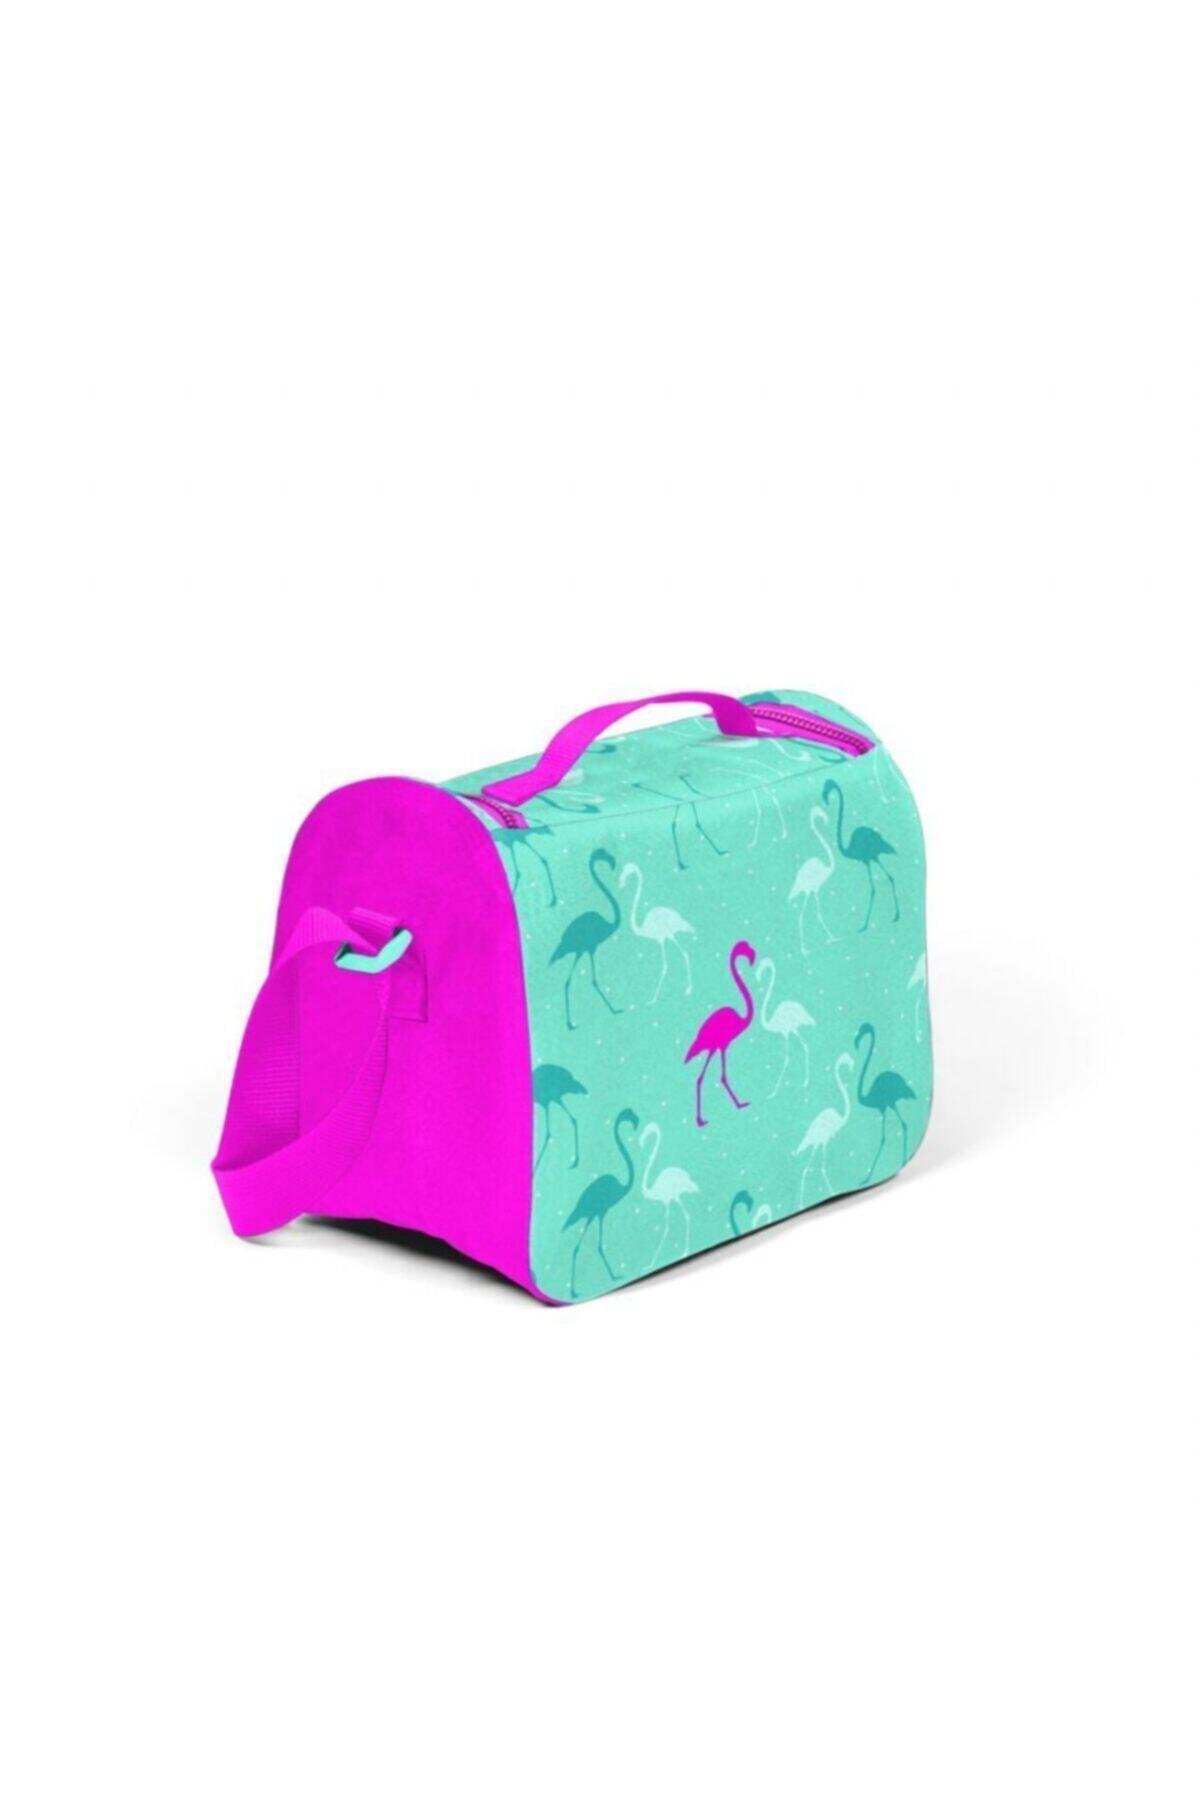 Yaygan Çanta Kız Çocuk Pembe Yeşil Coral High Flamingo Desenli Termos Özellikli Beslenme Çantası 2